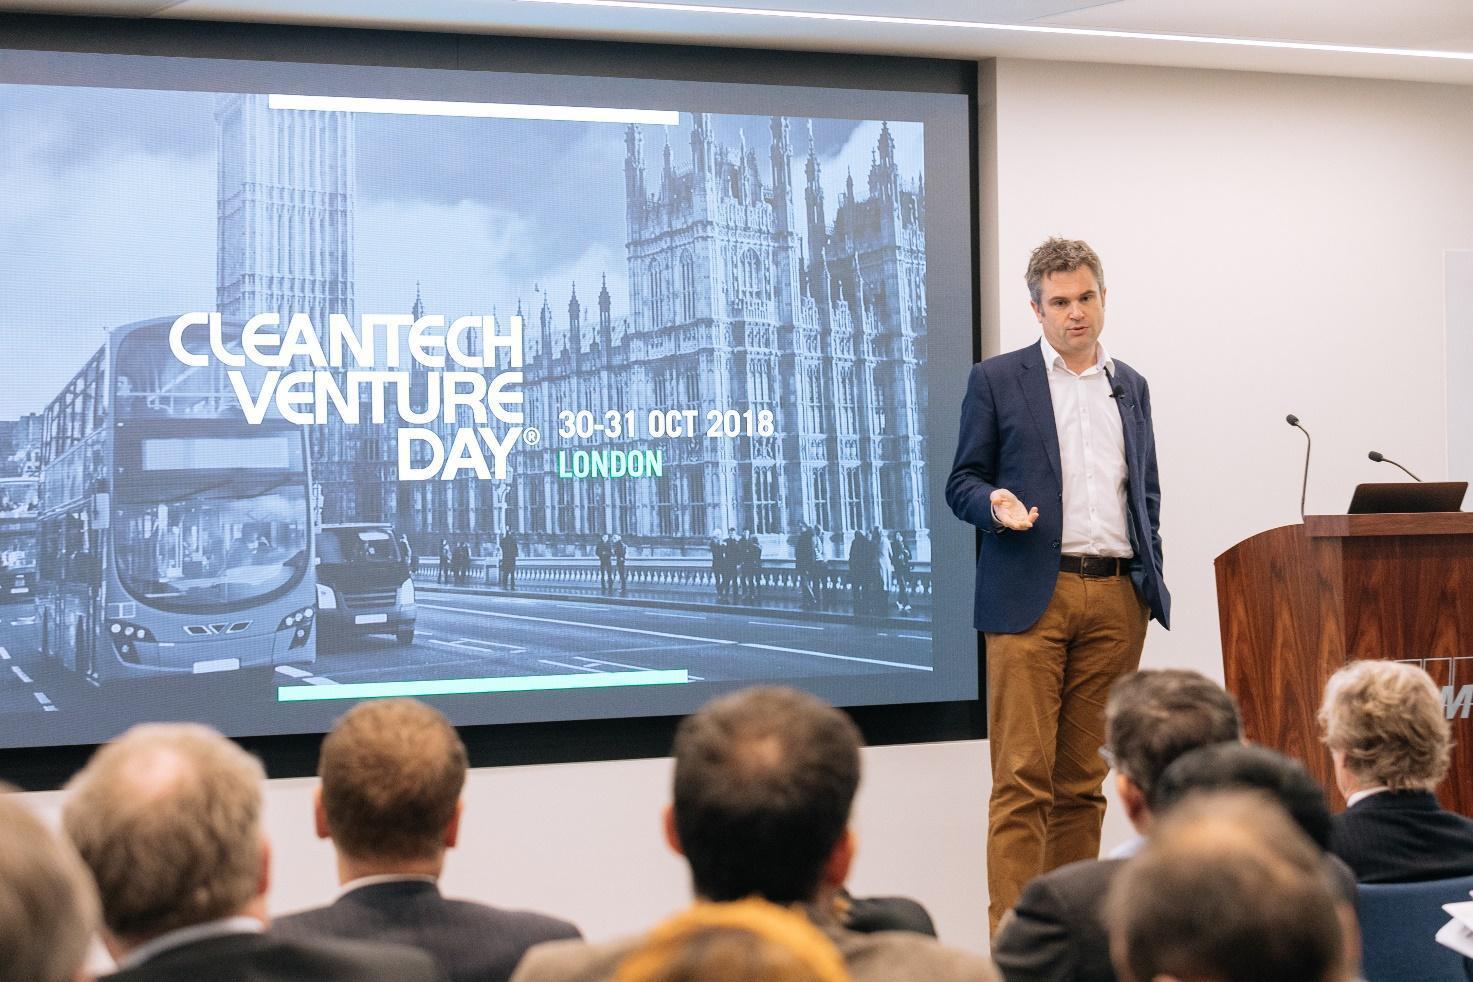 Cleantech-Venture-Day.jpg